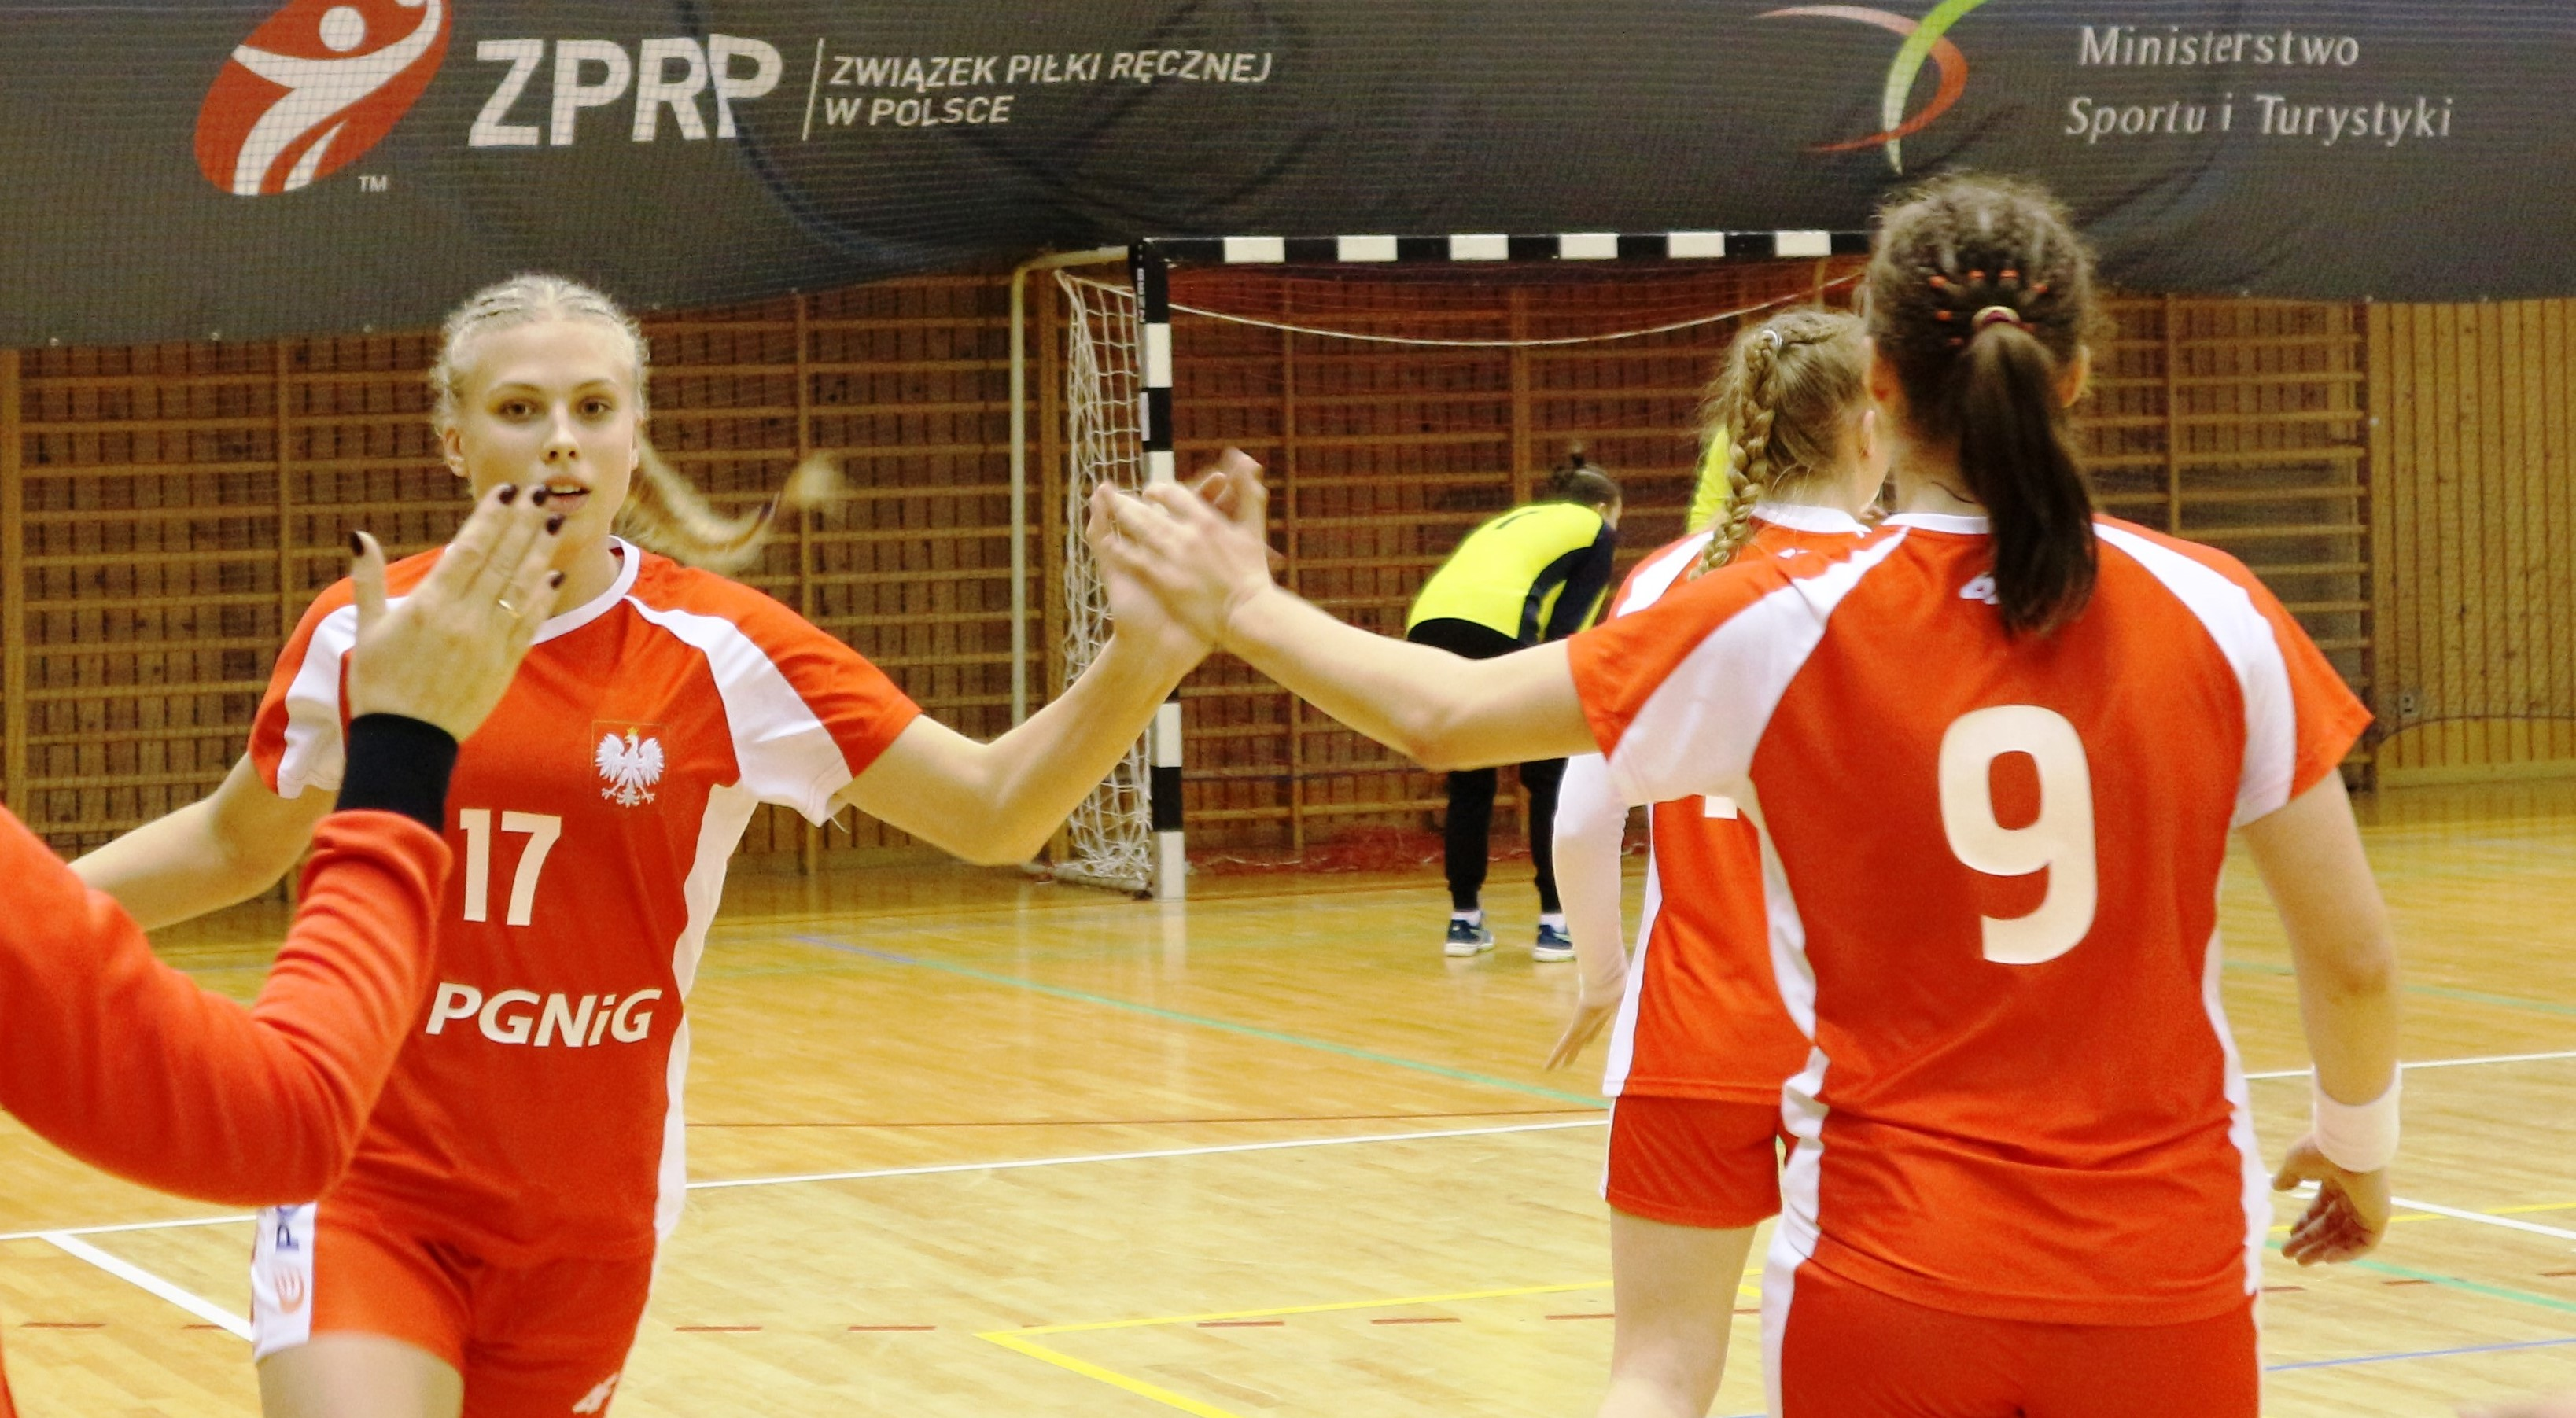 juniorki młodsze (Suchy) TNO Szczyrk (16.12.17) Fot. PI (2)